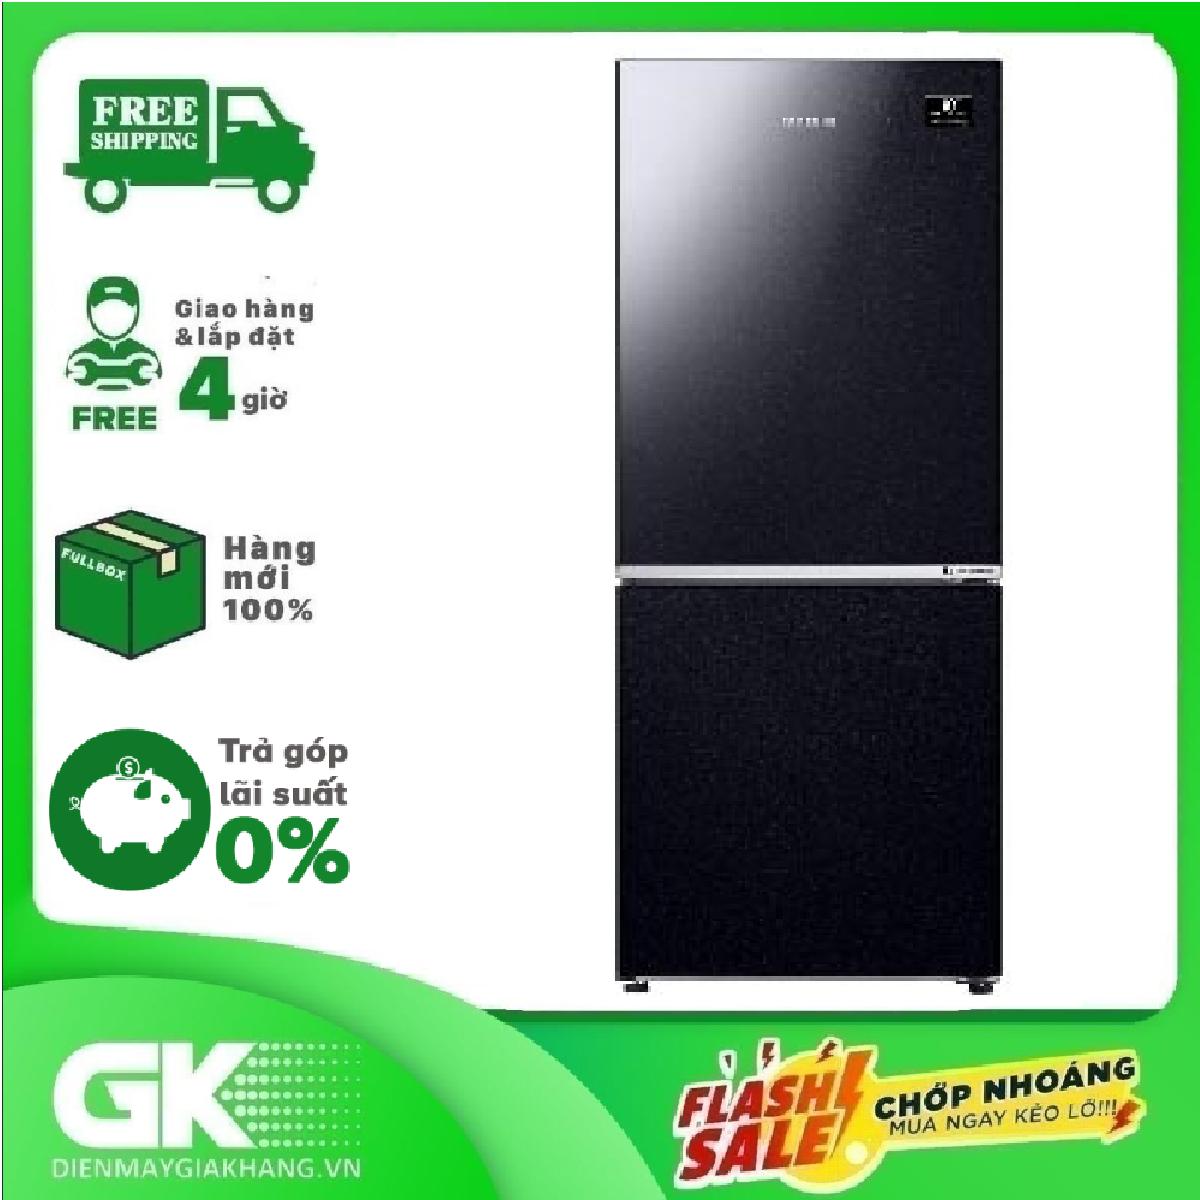 [GIAO HÀNG 2 – 15 NGÀY, TRỄ NHẤT 30.09] TRẢ GÓP 0% – Tủ lạnh Samsung Inverter 280 lít RB27N4010BY/SV Mới 2020- Bảo hành 2 năm